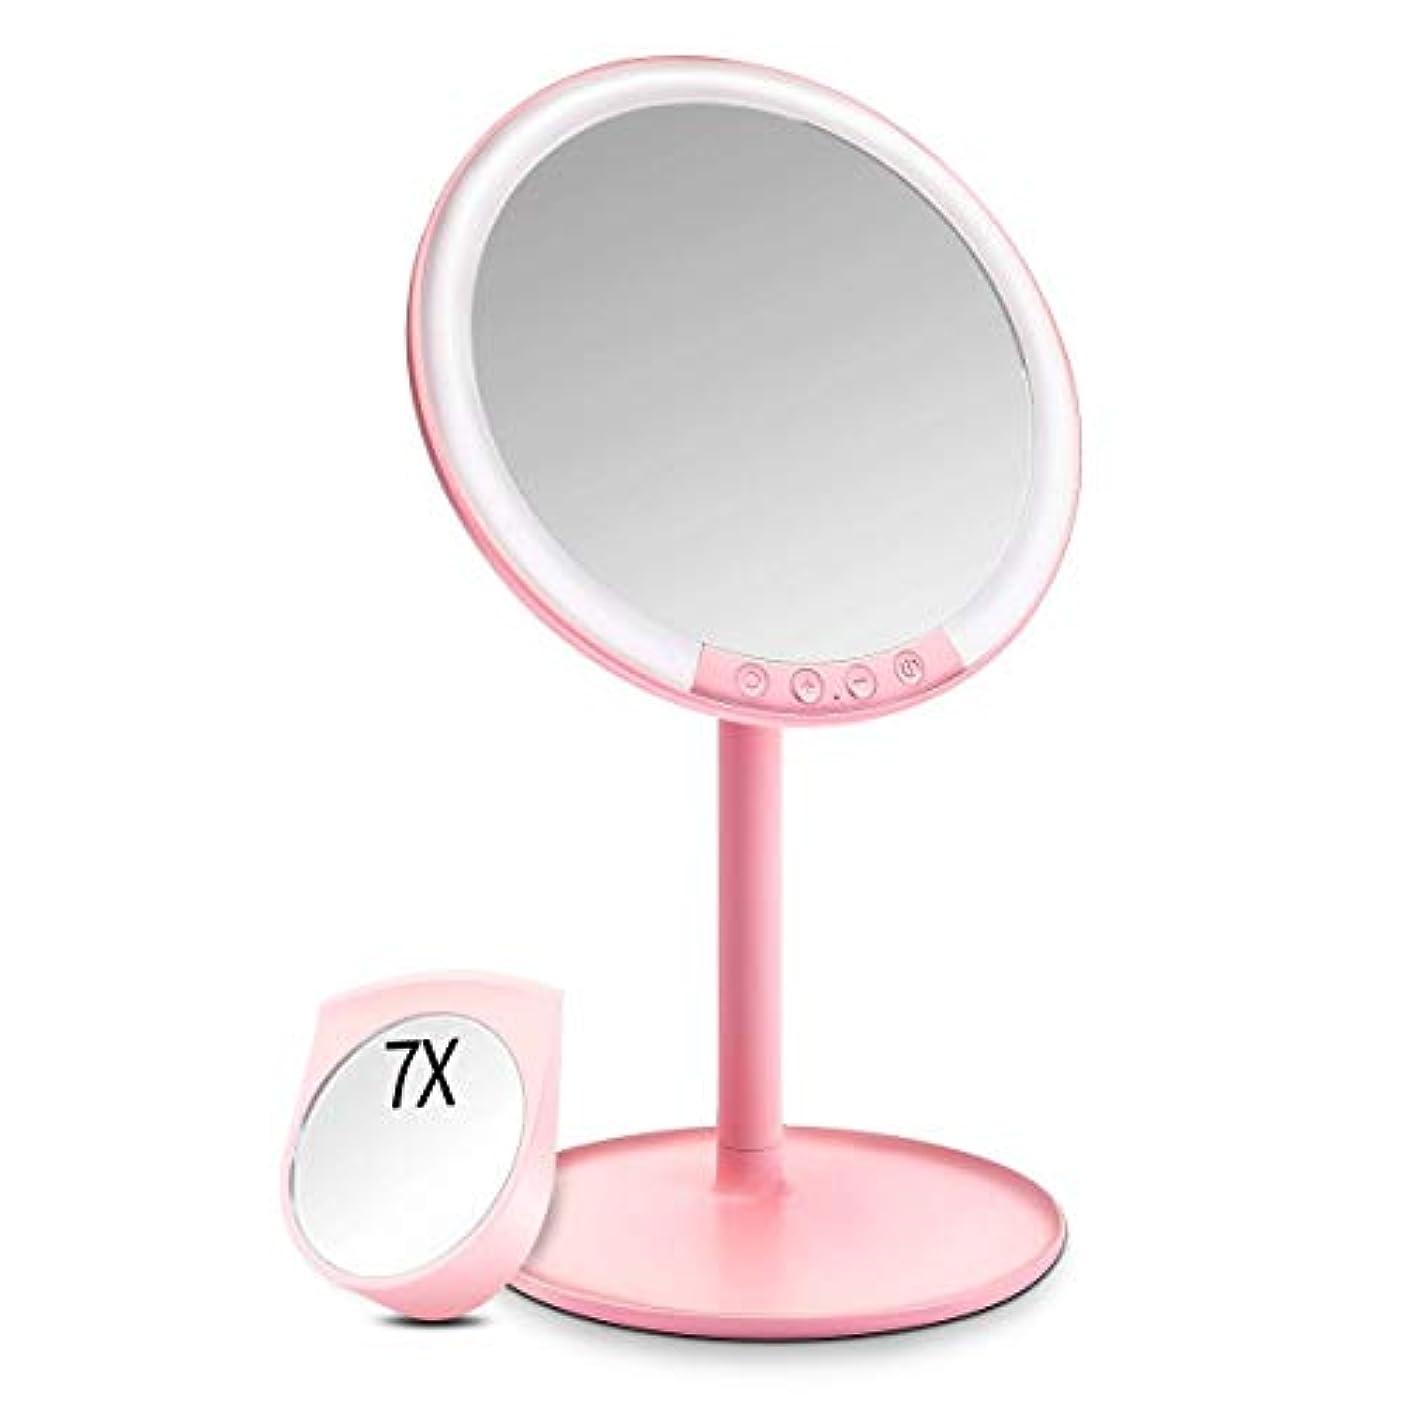 キリン化粧面白い化粧鏡 化粧ミラー Morpilot 卓上ミラー 女優ミラー 66個LED付きミラー 7倍拡大鏡付き 3色調節可能 明るさ調節可能 USB充電式 120度回転 収納ベース 可愛い鏡